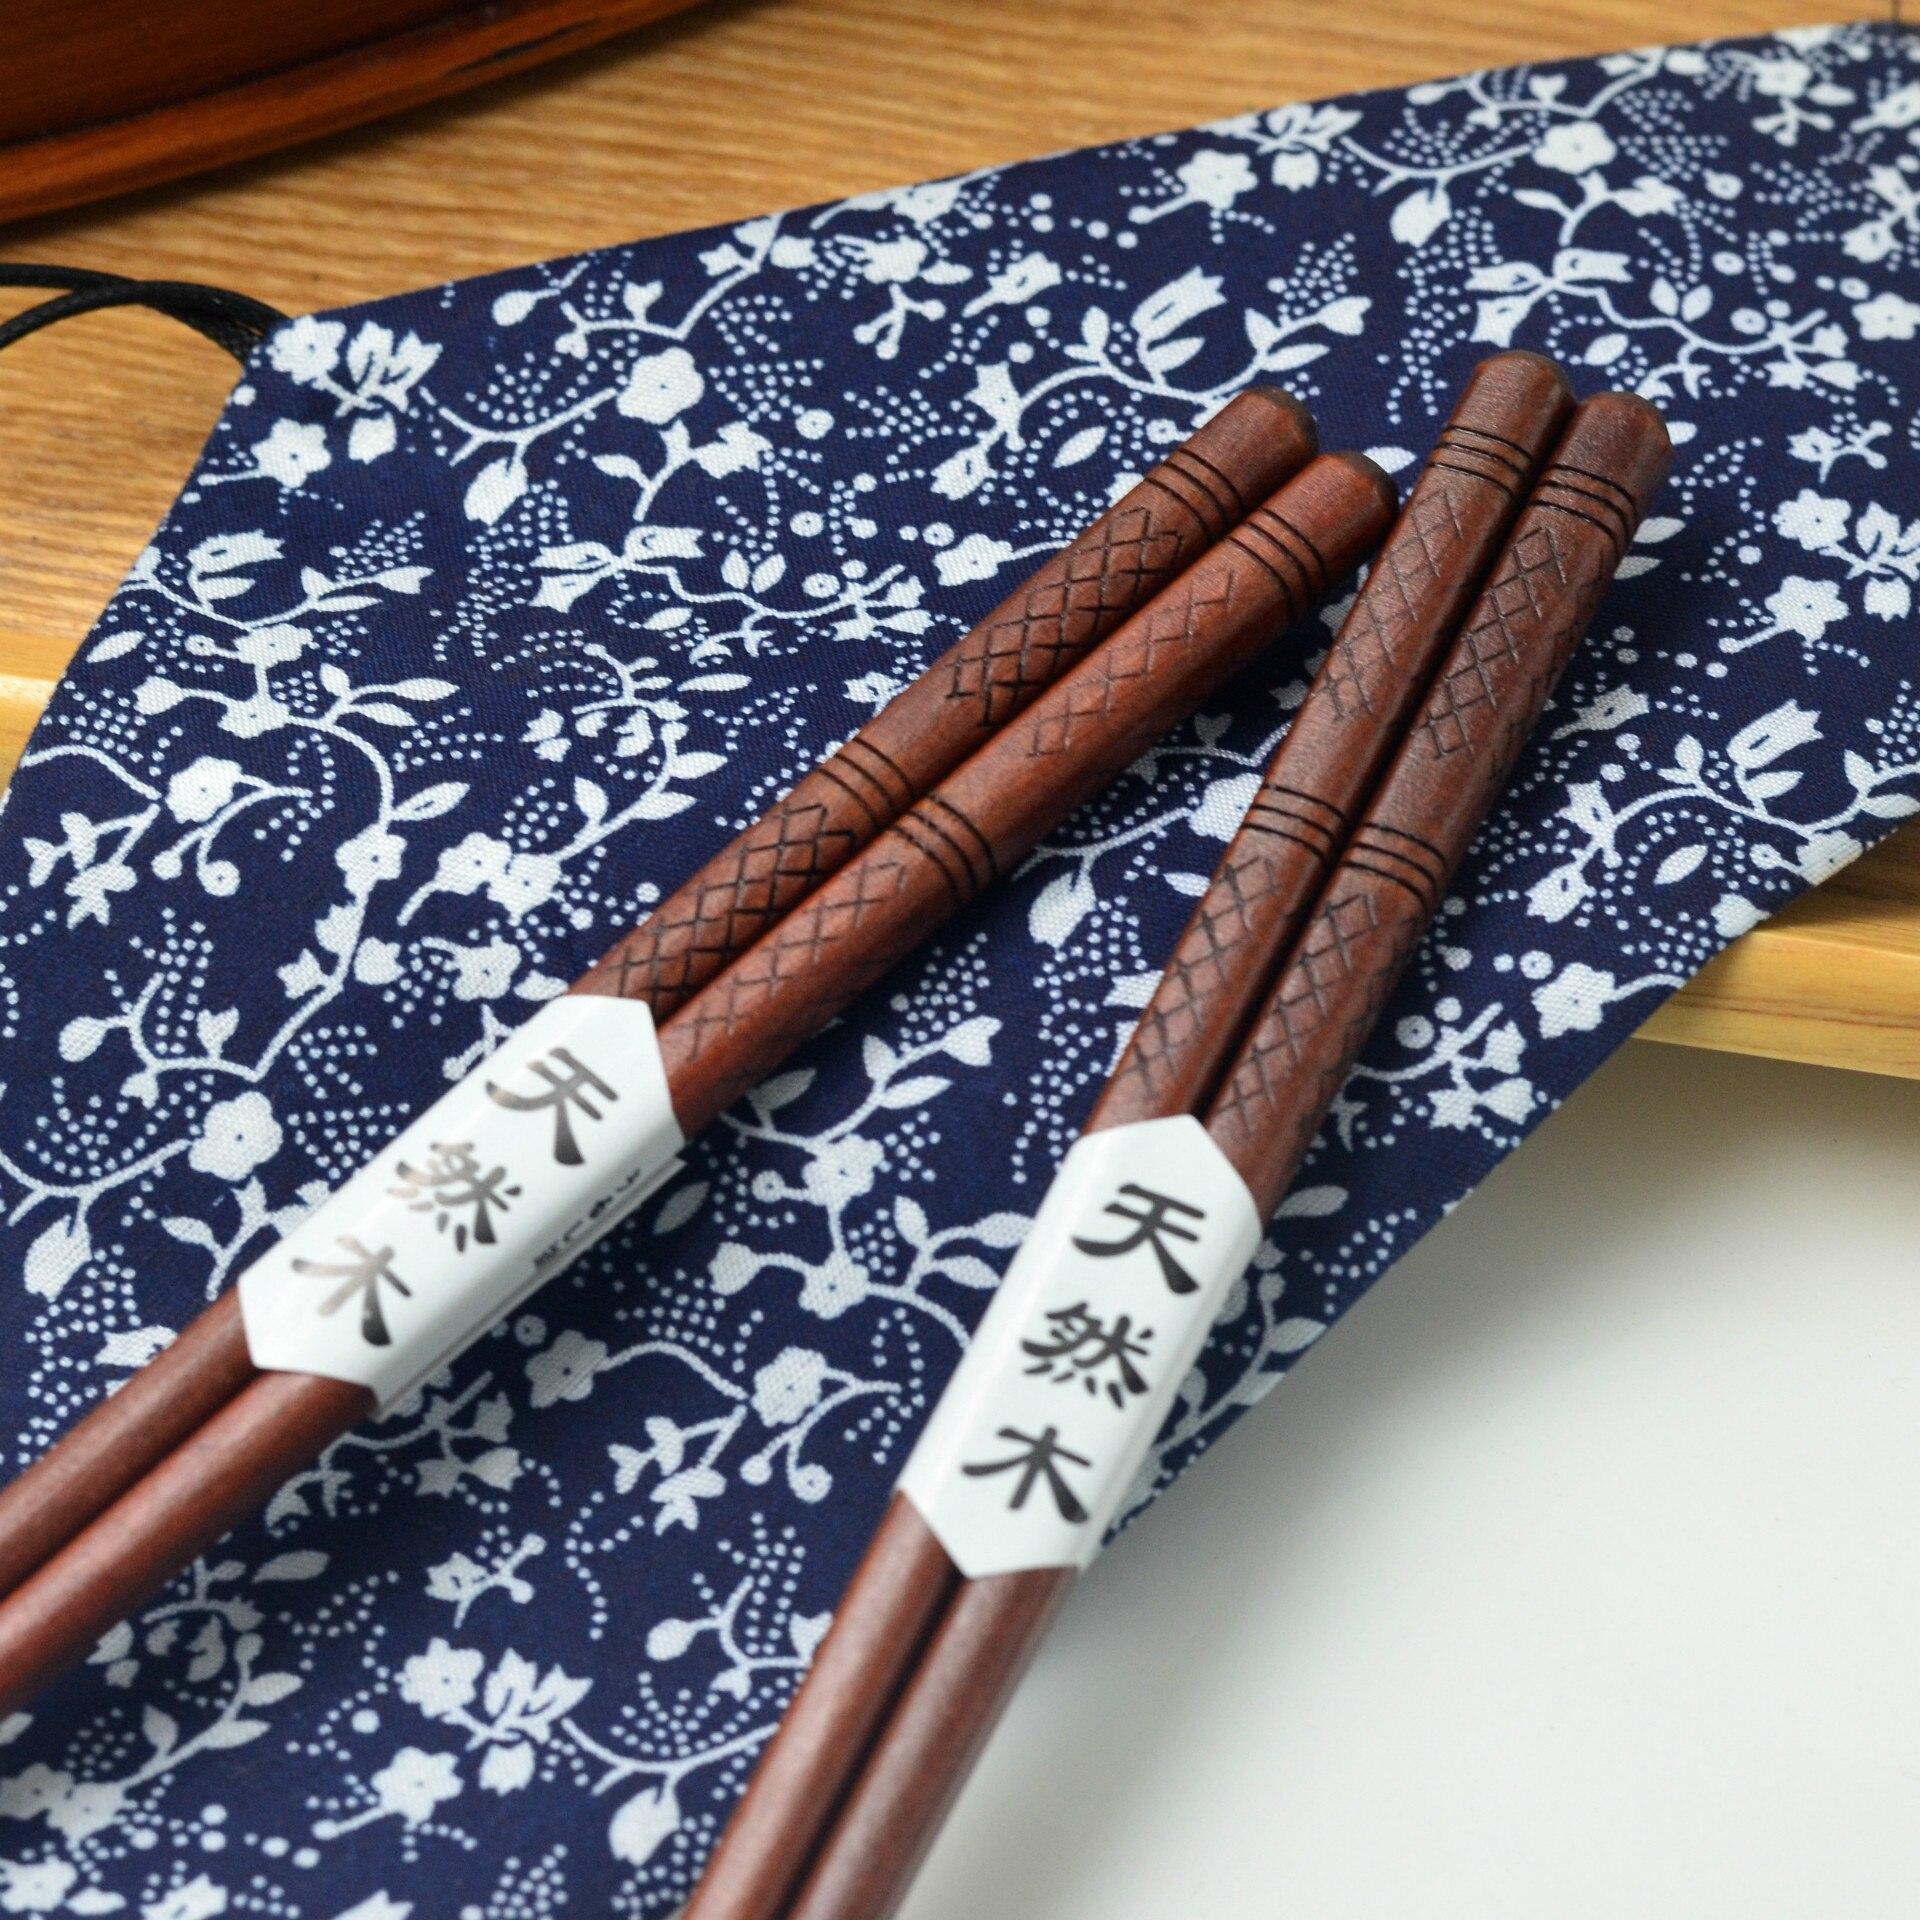 Paletas de madeira feitas à mão japonesas, hashis cabeça plana de madeira charmoso ambiental